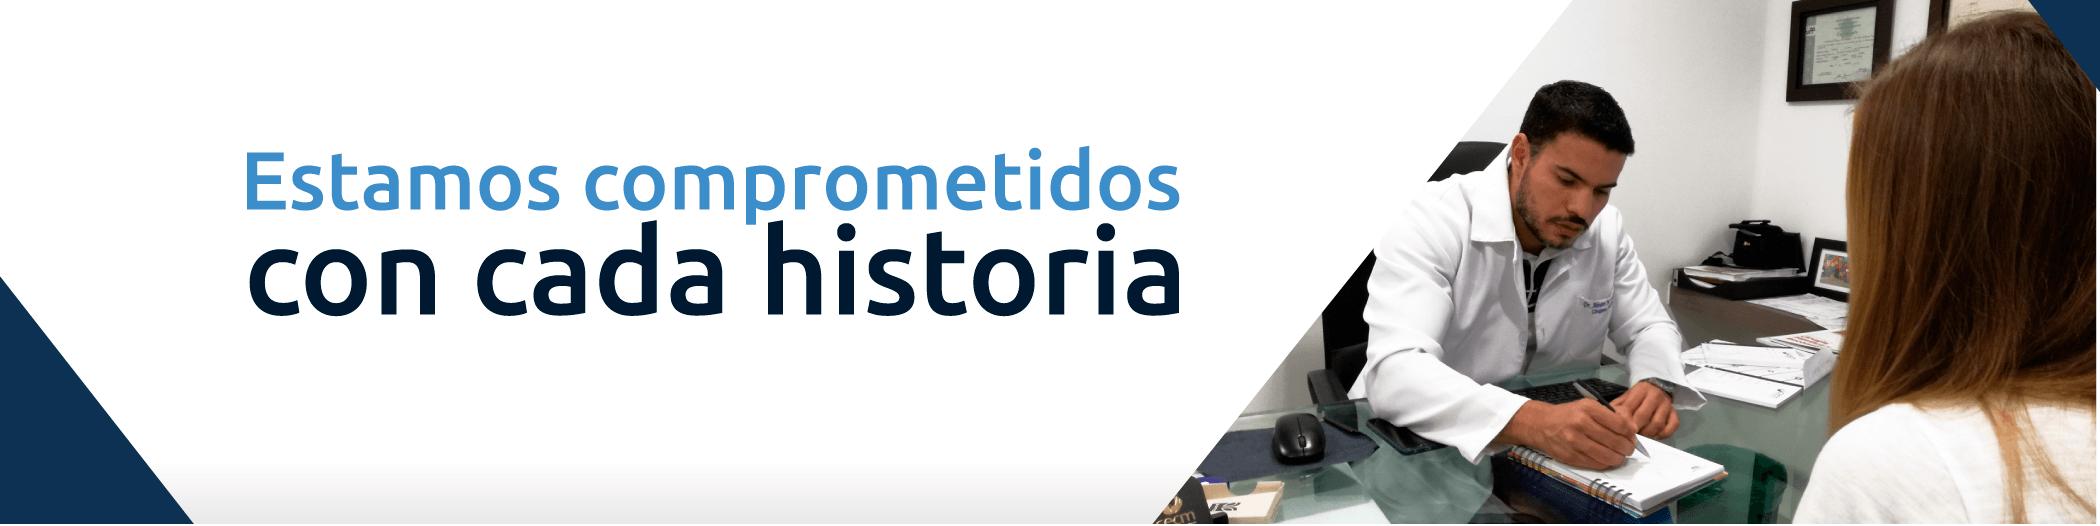 Estamos comprometidos con cada historia | CECM Colombia - Dr. Álvaro Hernán Rodriguez